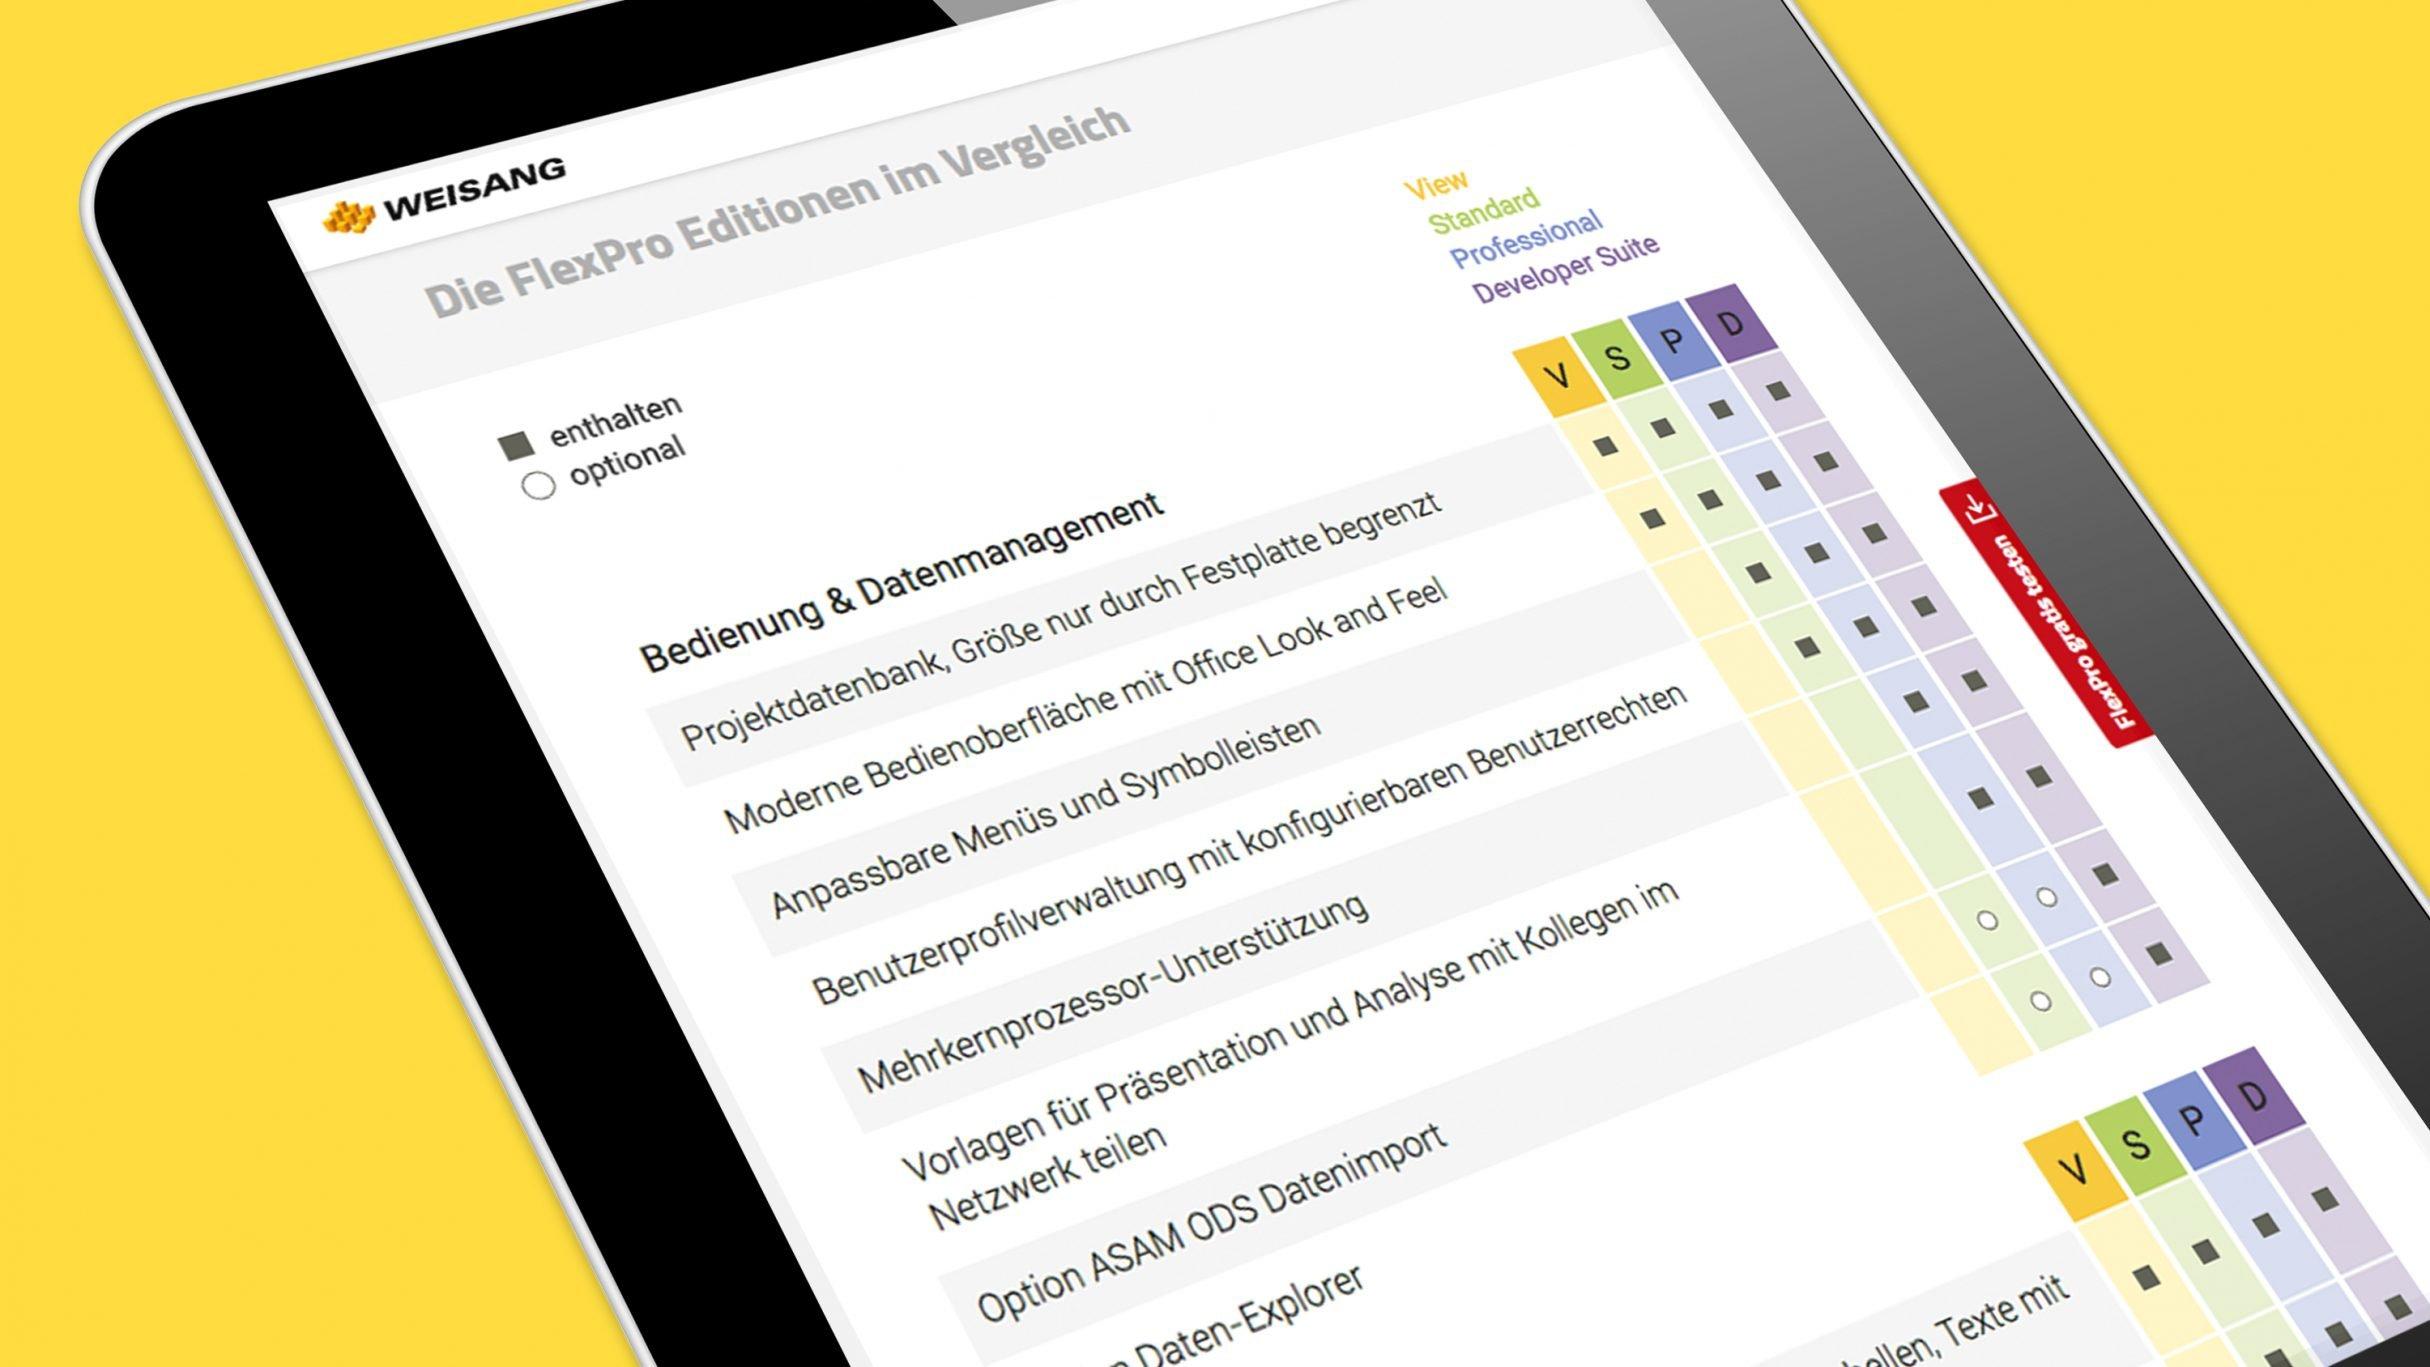 Responsive Webdesign, FlexPro Softwareeditionen für Weisang: DIE NEUDENKER® Agentur, Darmstadt